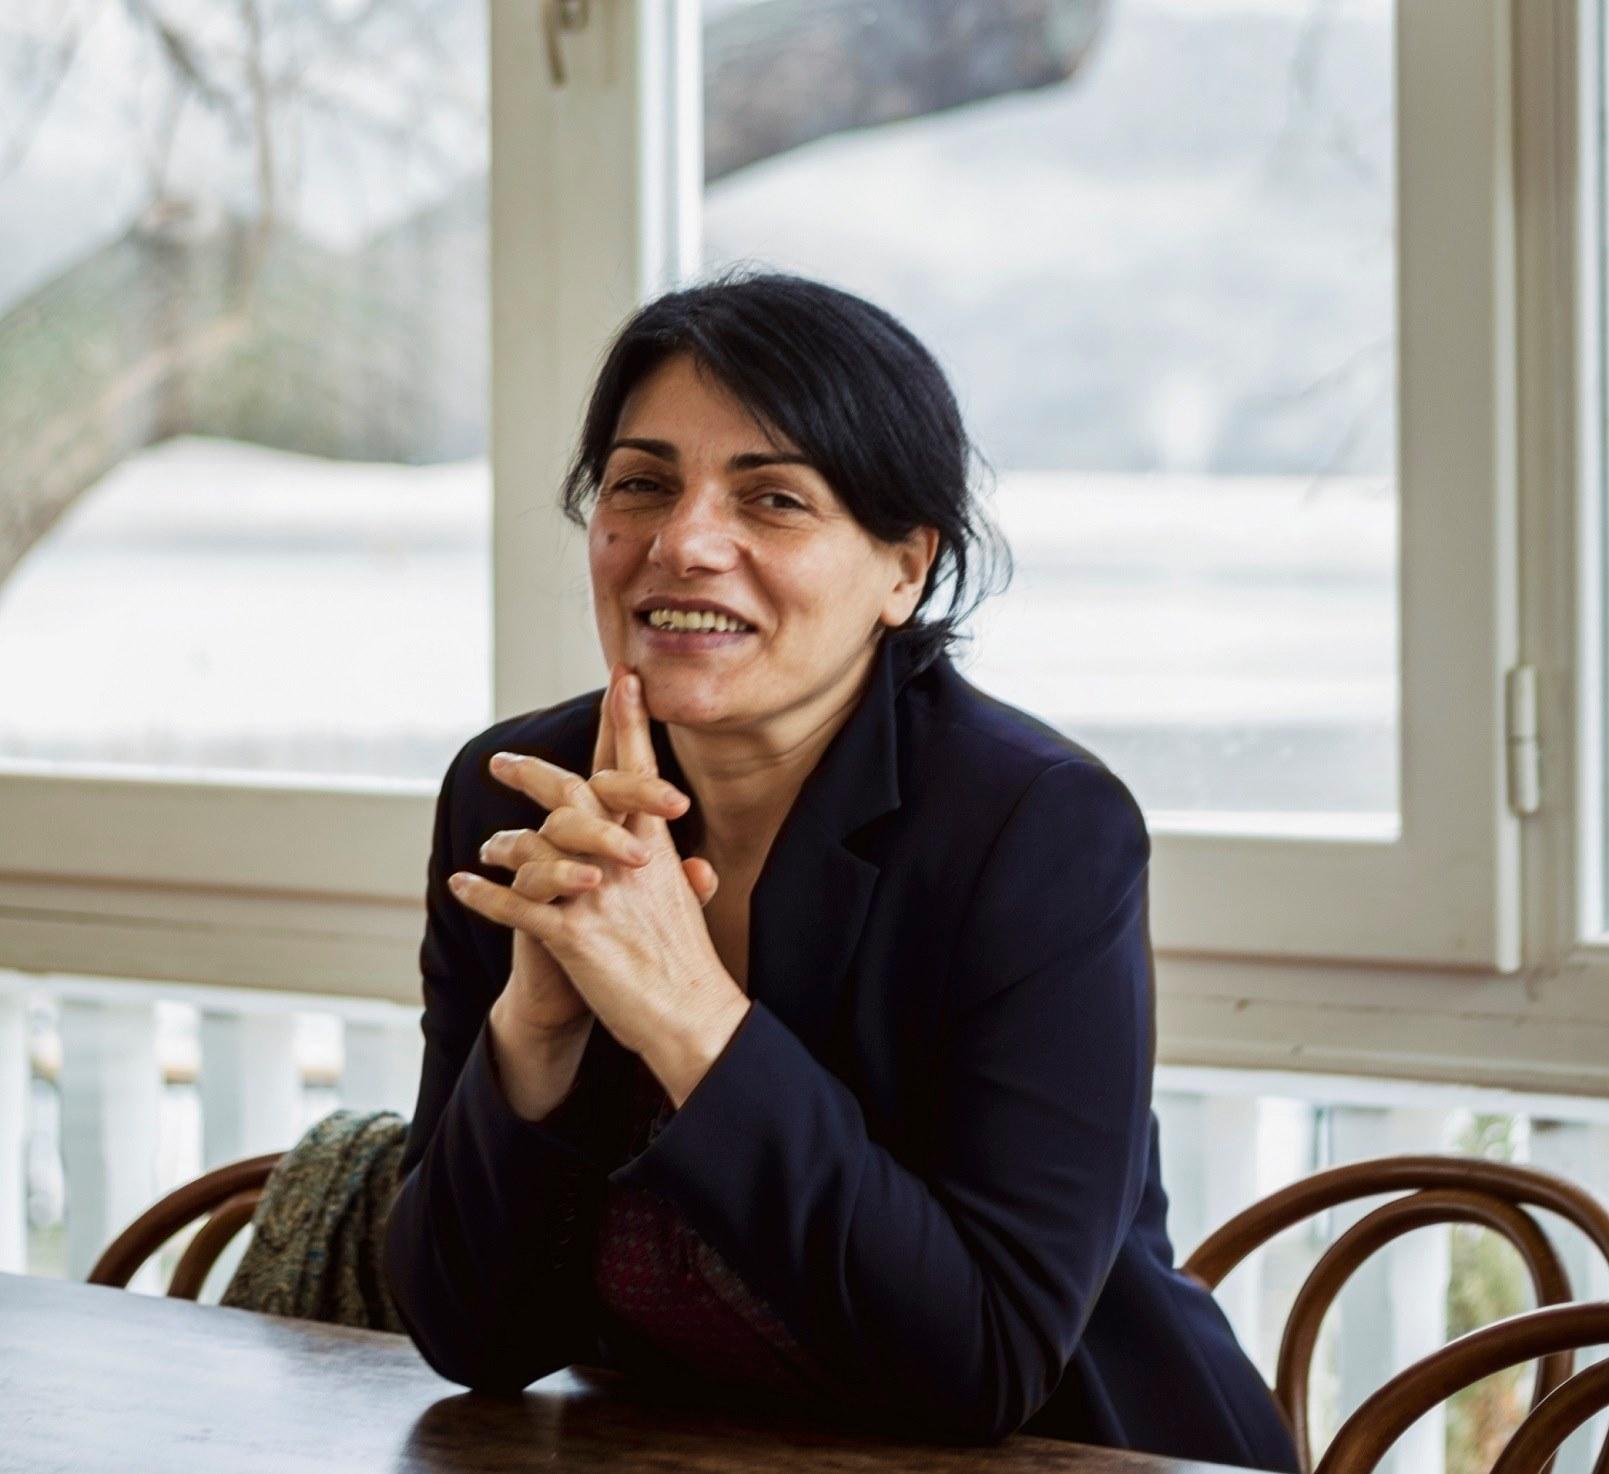 Natela Grigalashvili with photo stories